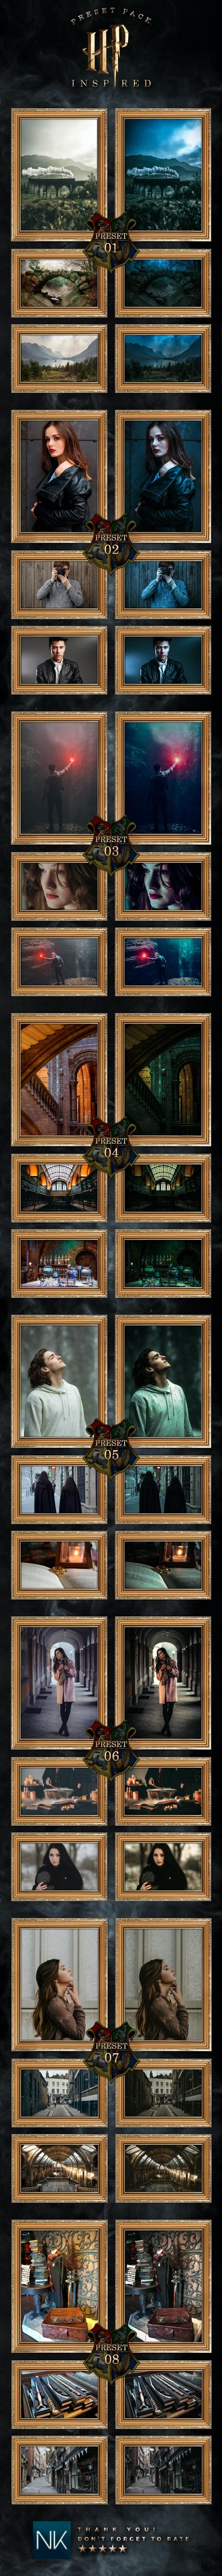 8 Fantasy Lightroom Presets - HP Inspired Pack (+Mobile Version) - Lightroom Presets Add-ons